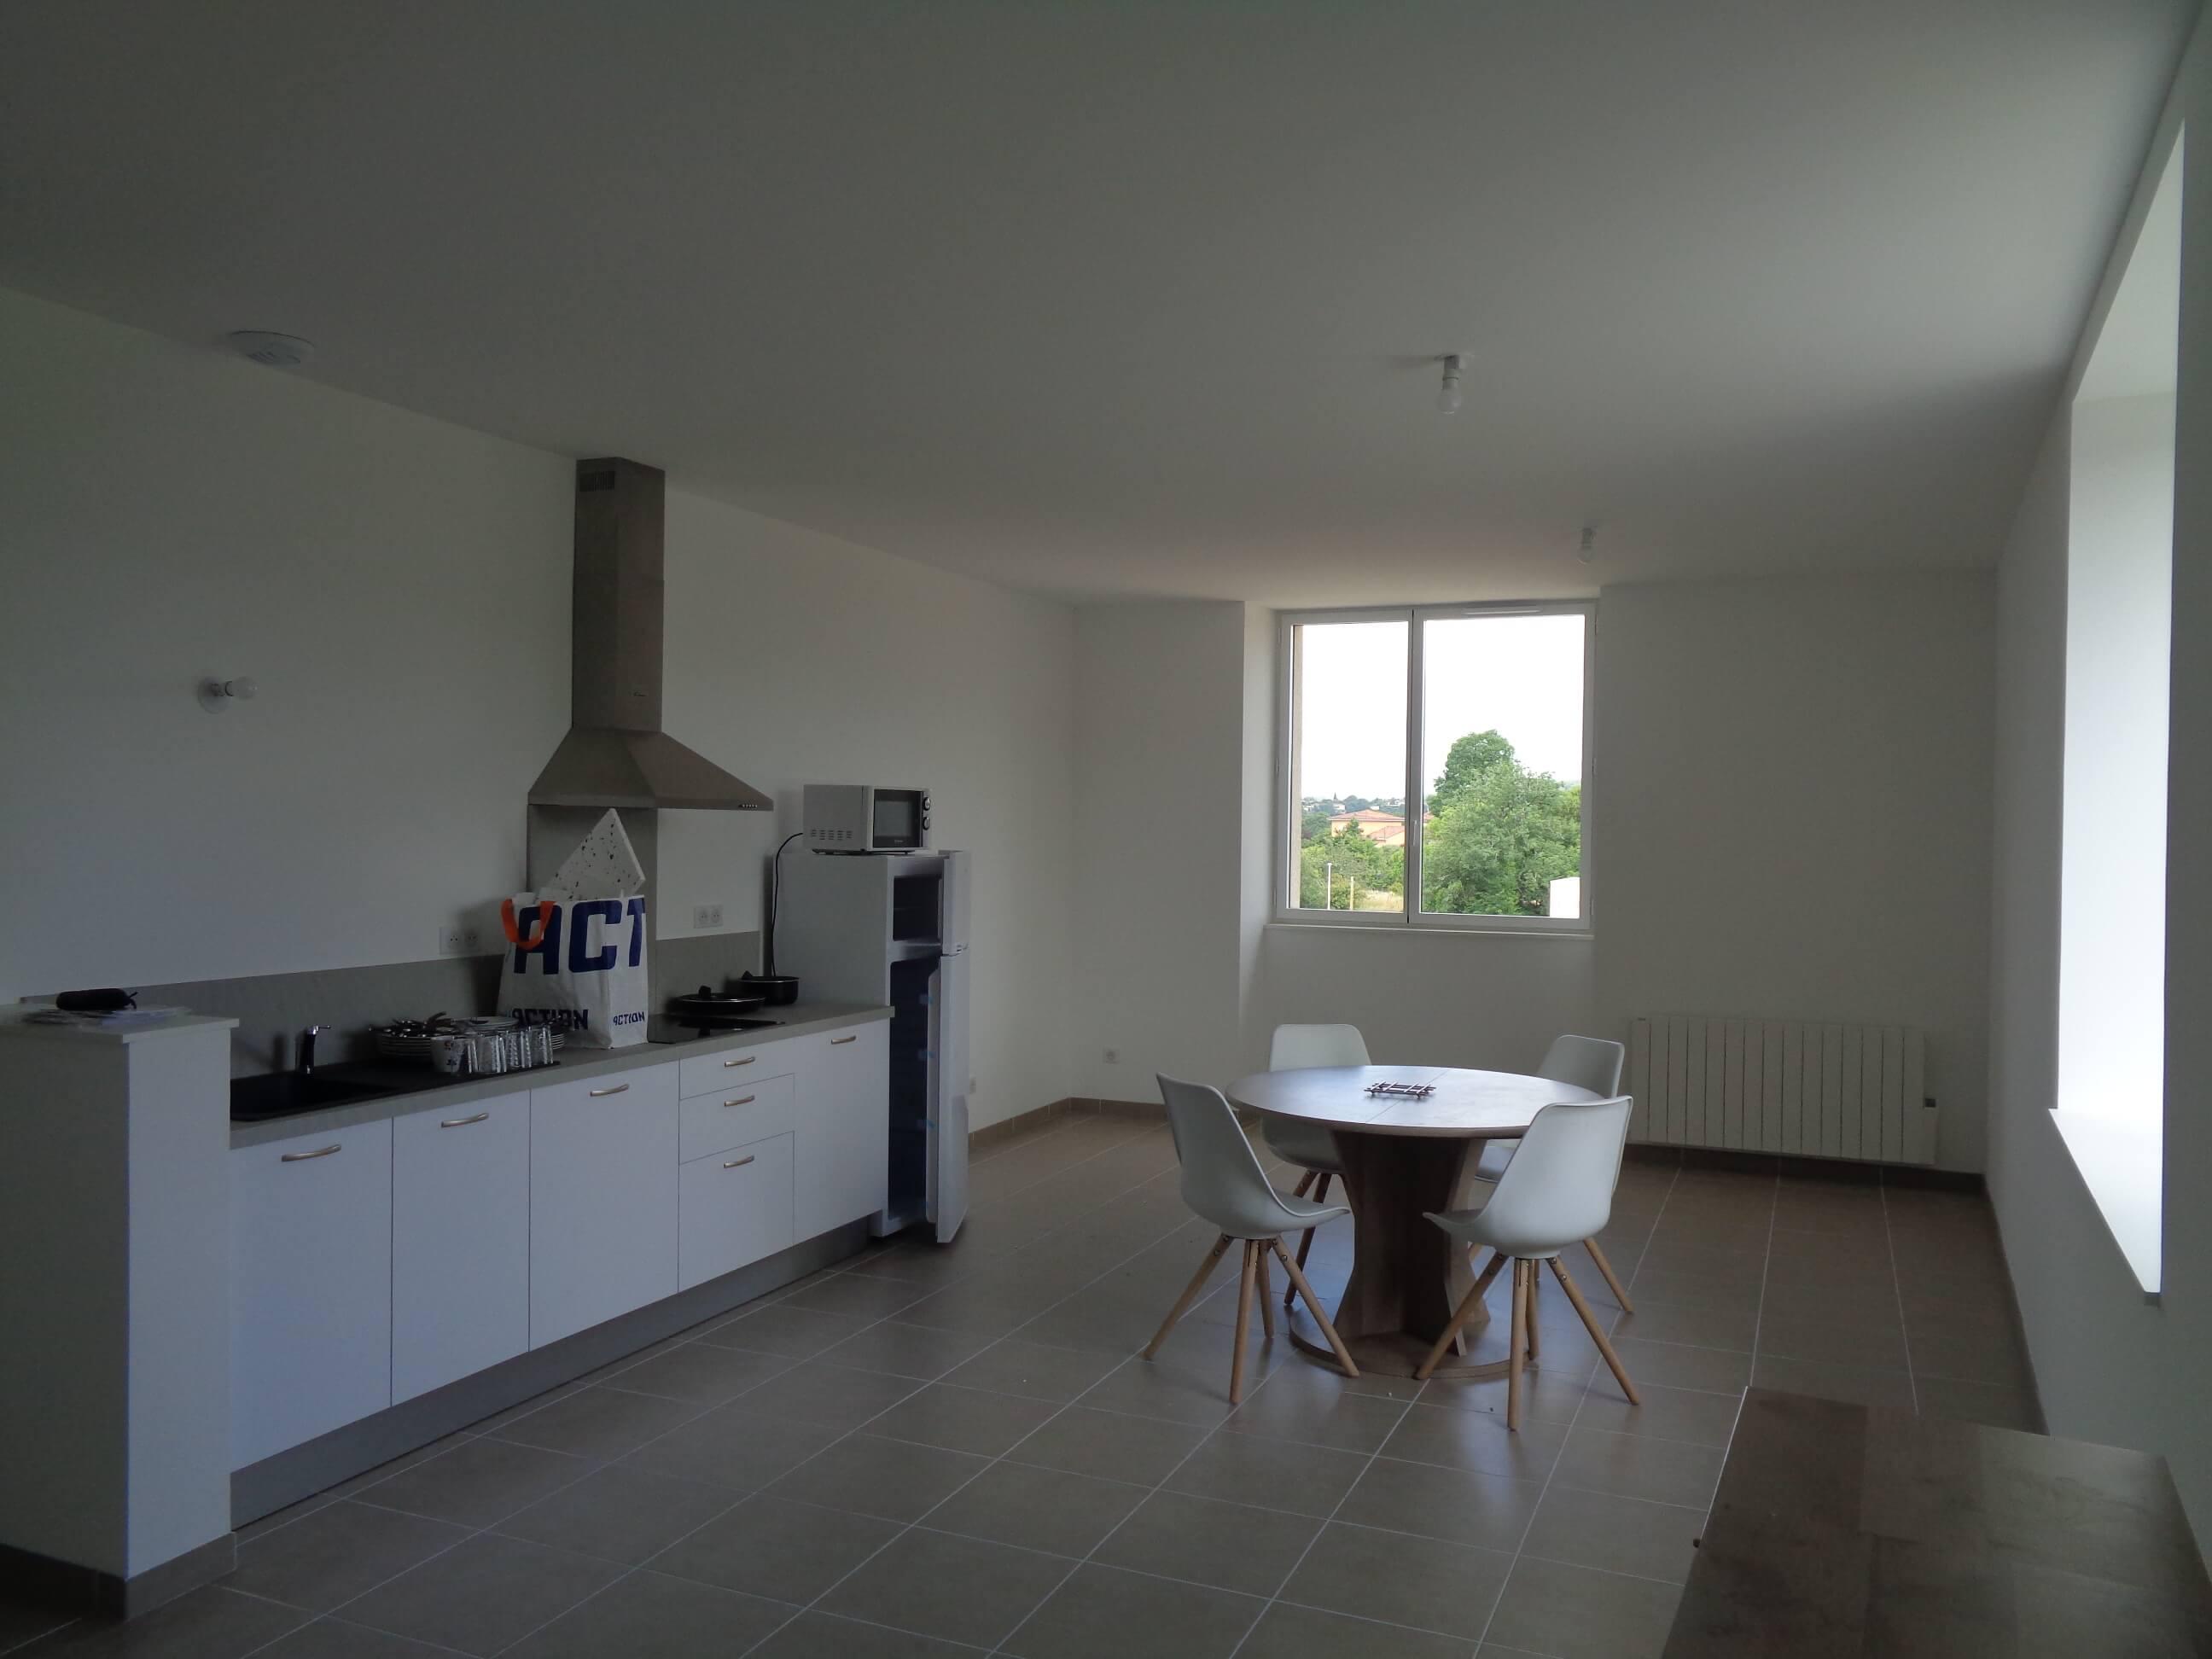 Appartement T2 meublé neuf à louer sur les hauteurs de FIGEAC